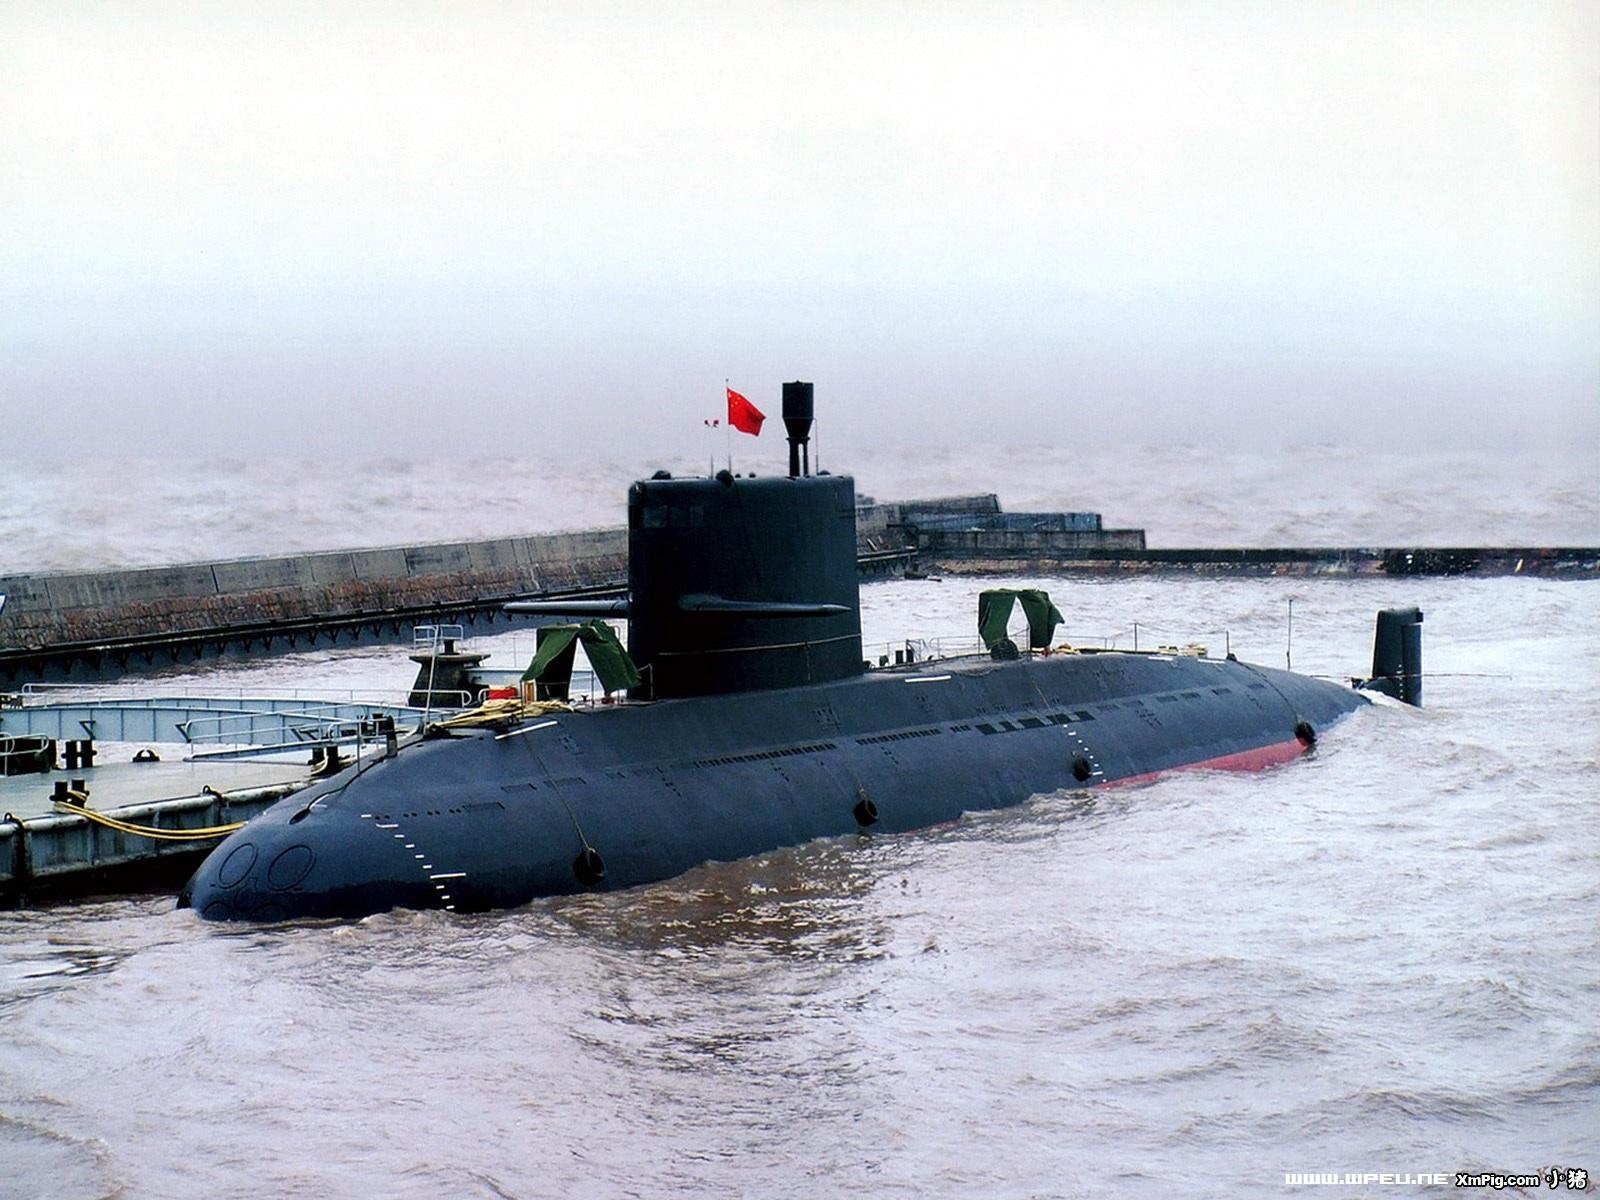 093型核潜艇数量_我们国家的海军为什么看上去弱弱的? - 知乎